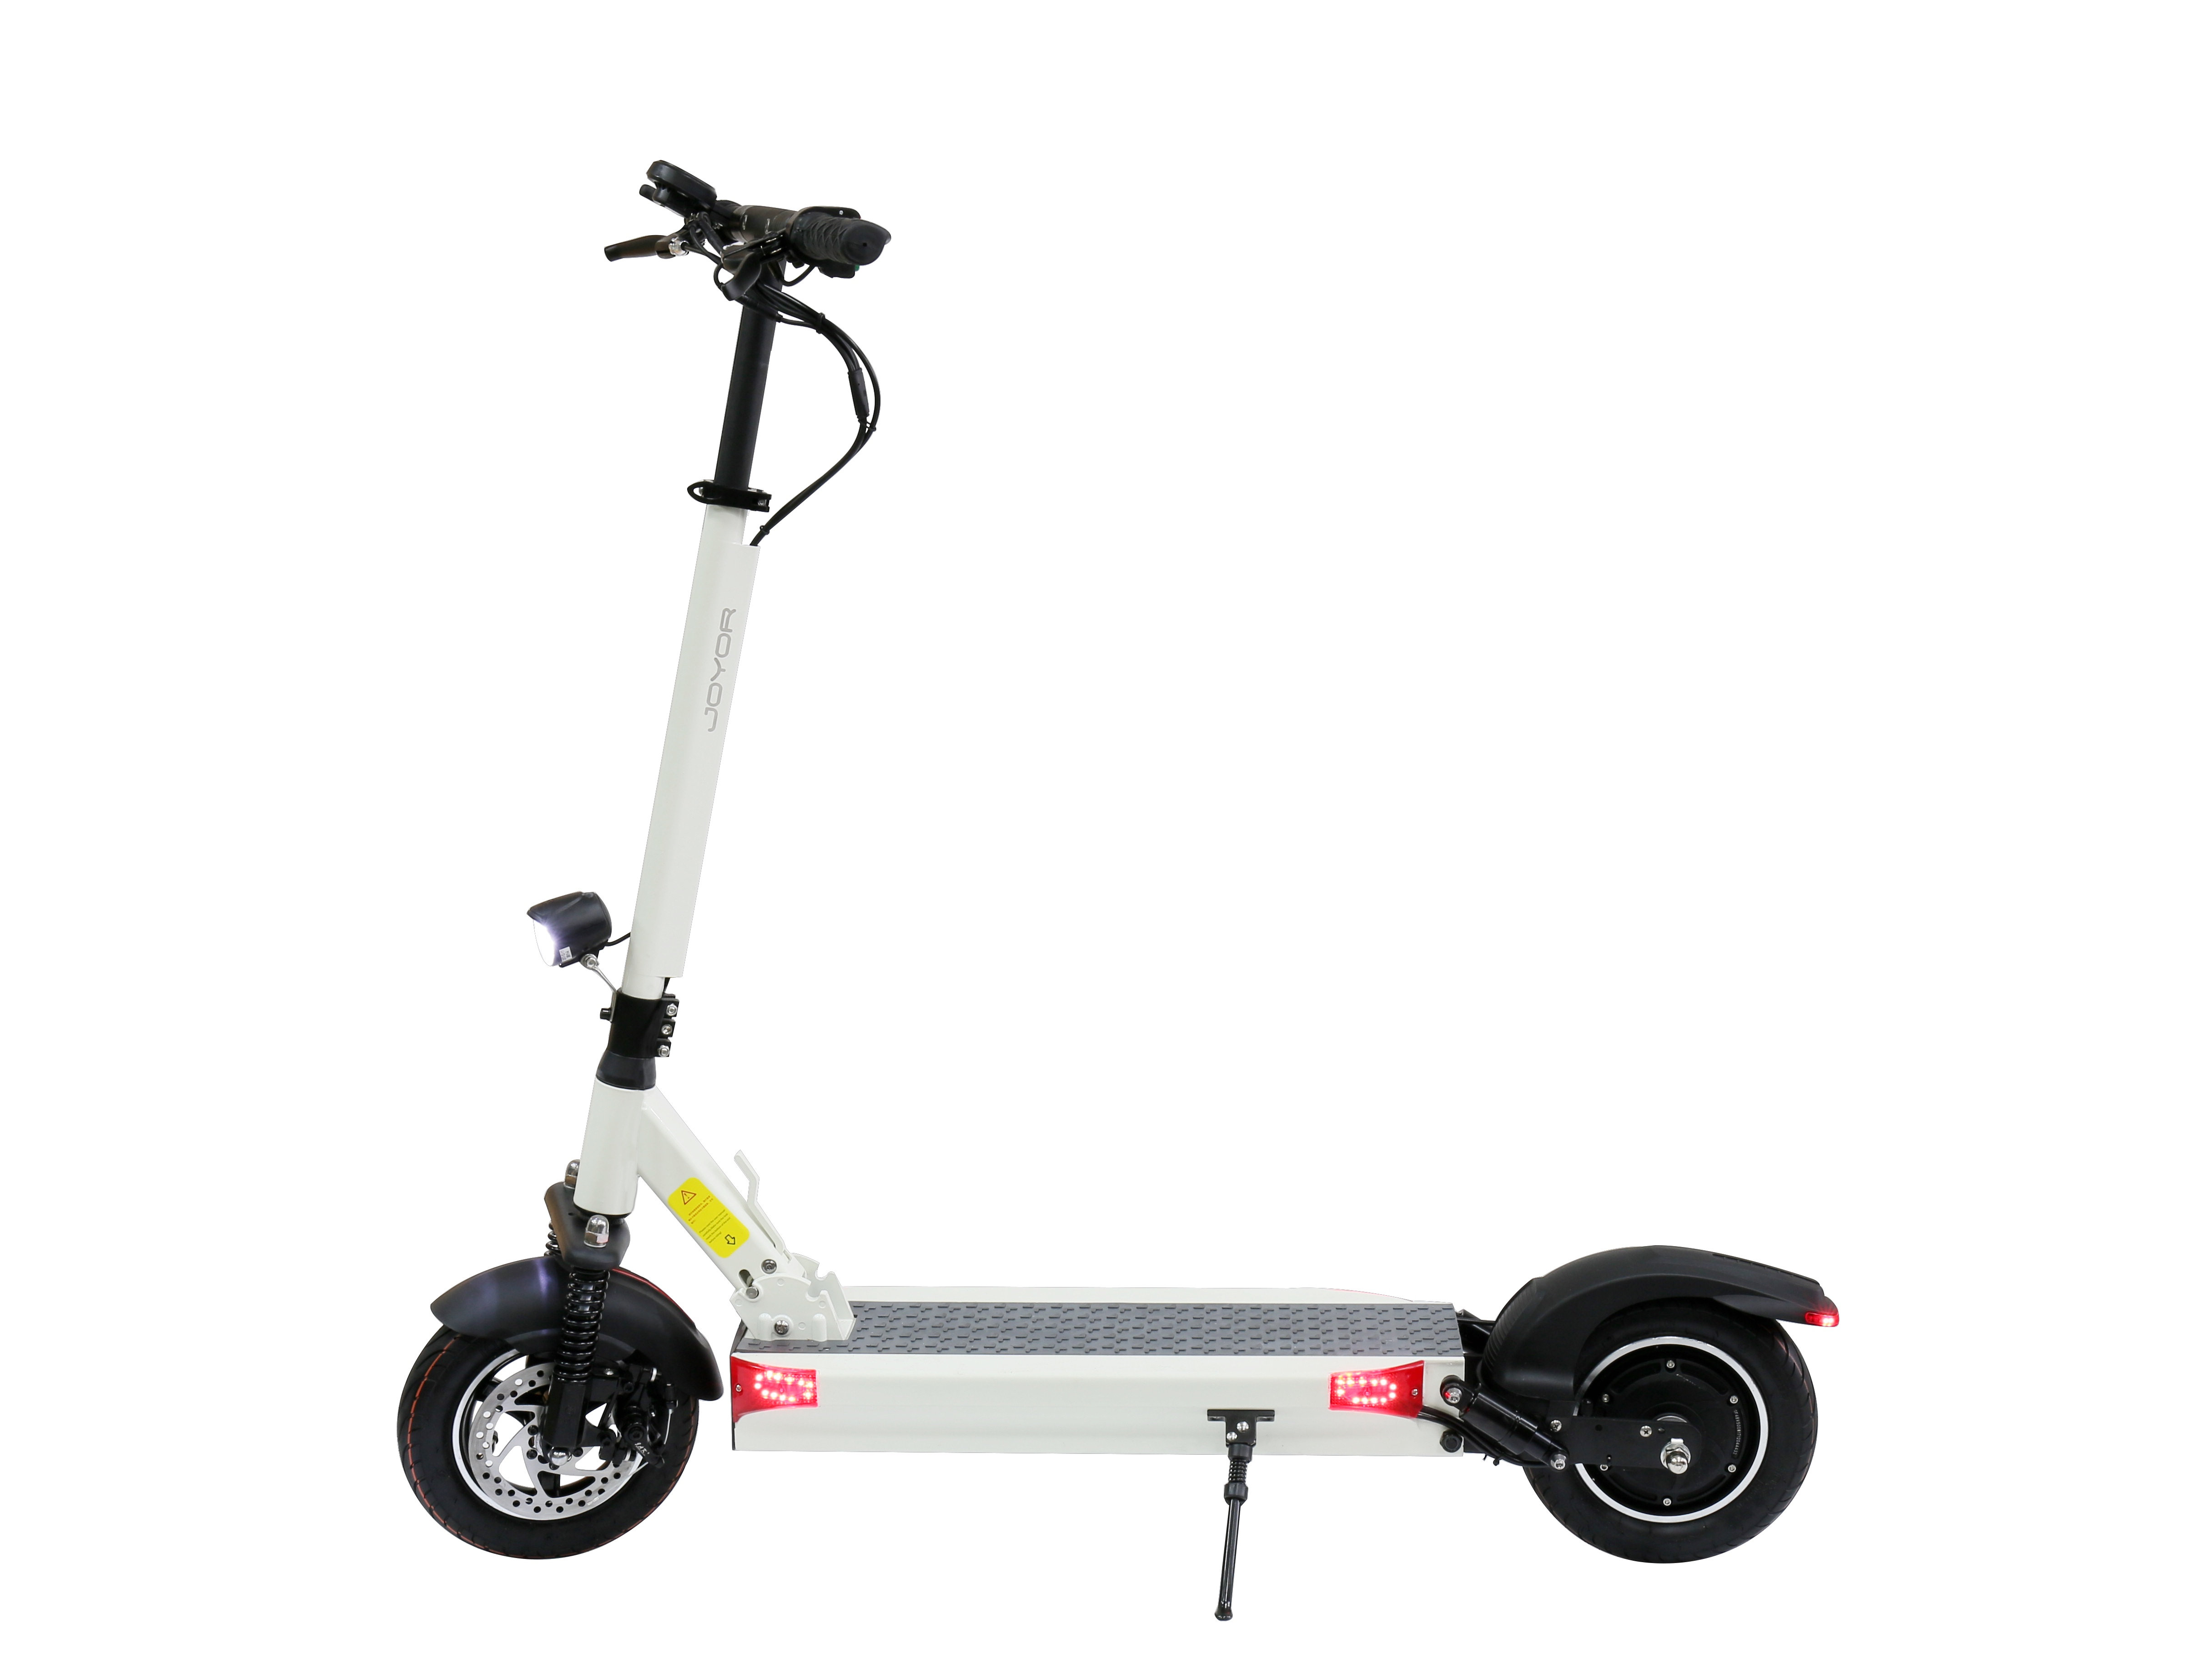 Electric Scooter Joyor Y10, Black/White, 500W,35km/h, Distance 100km